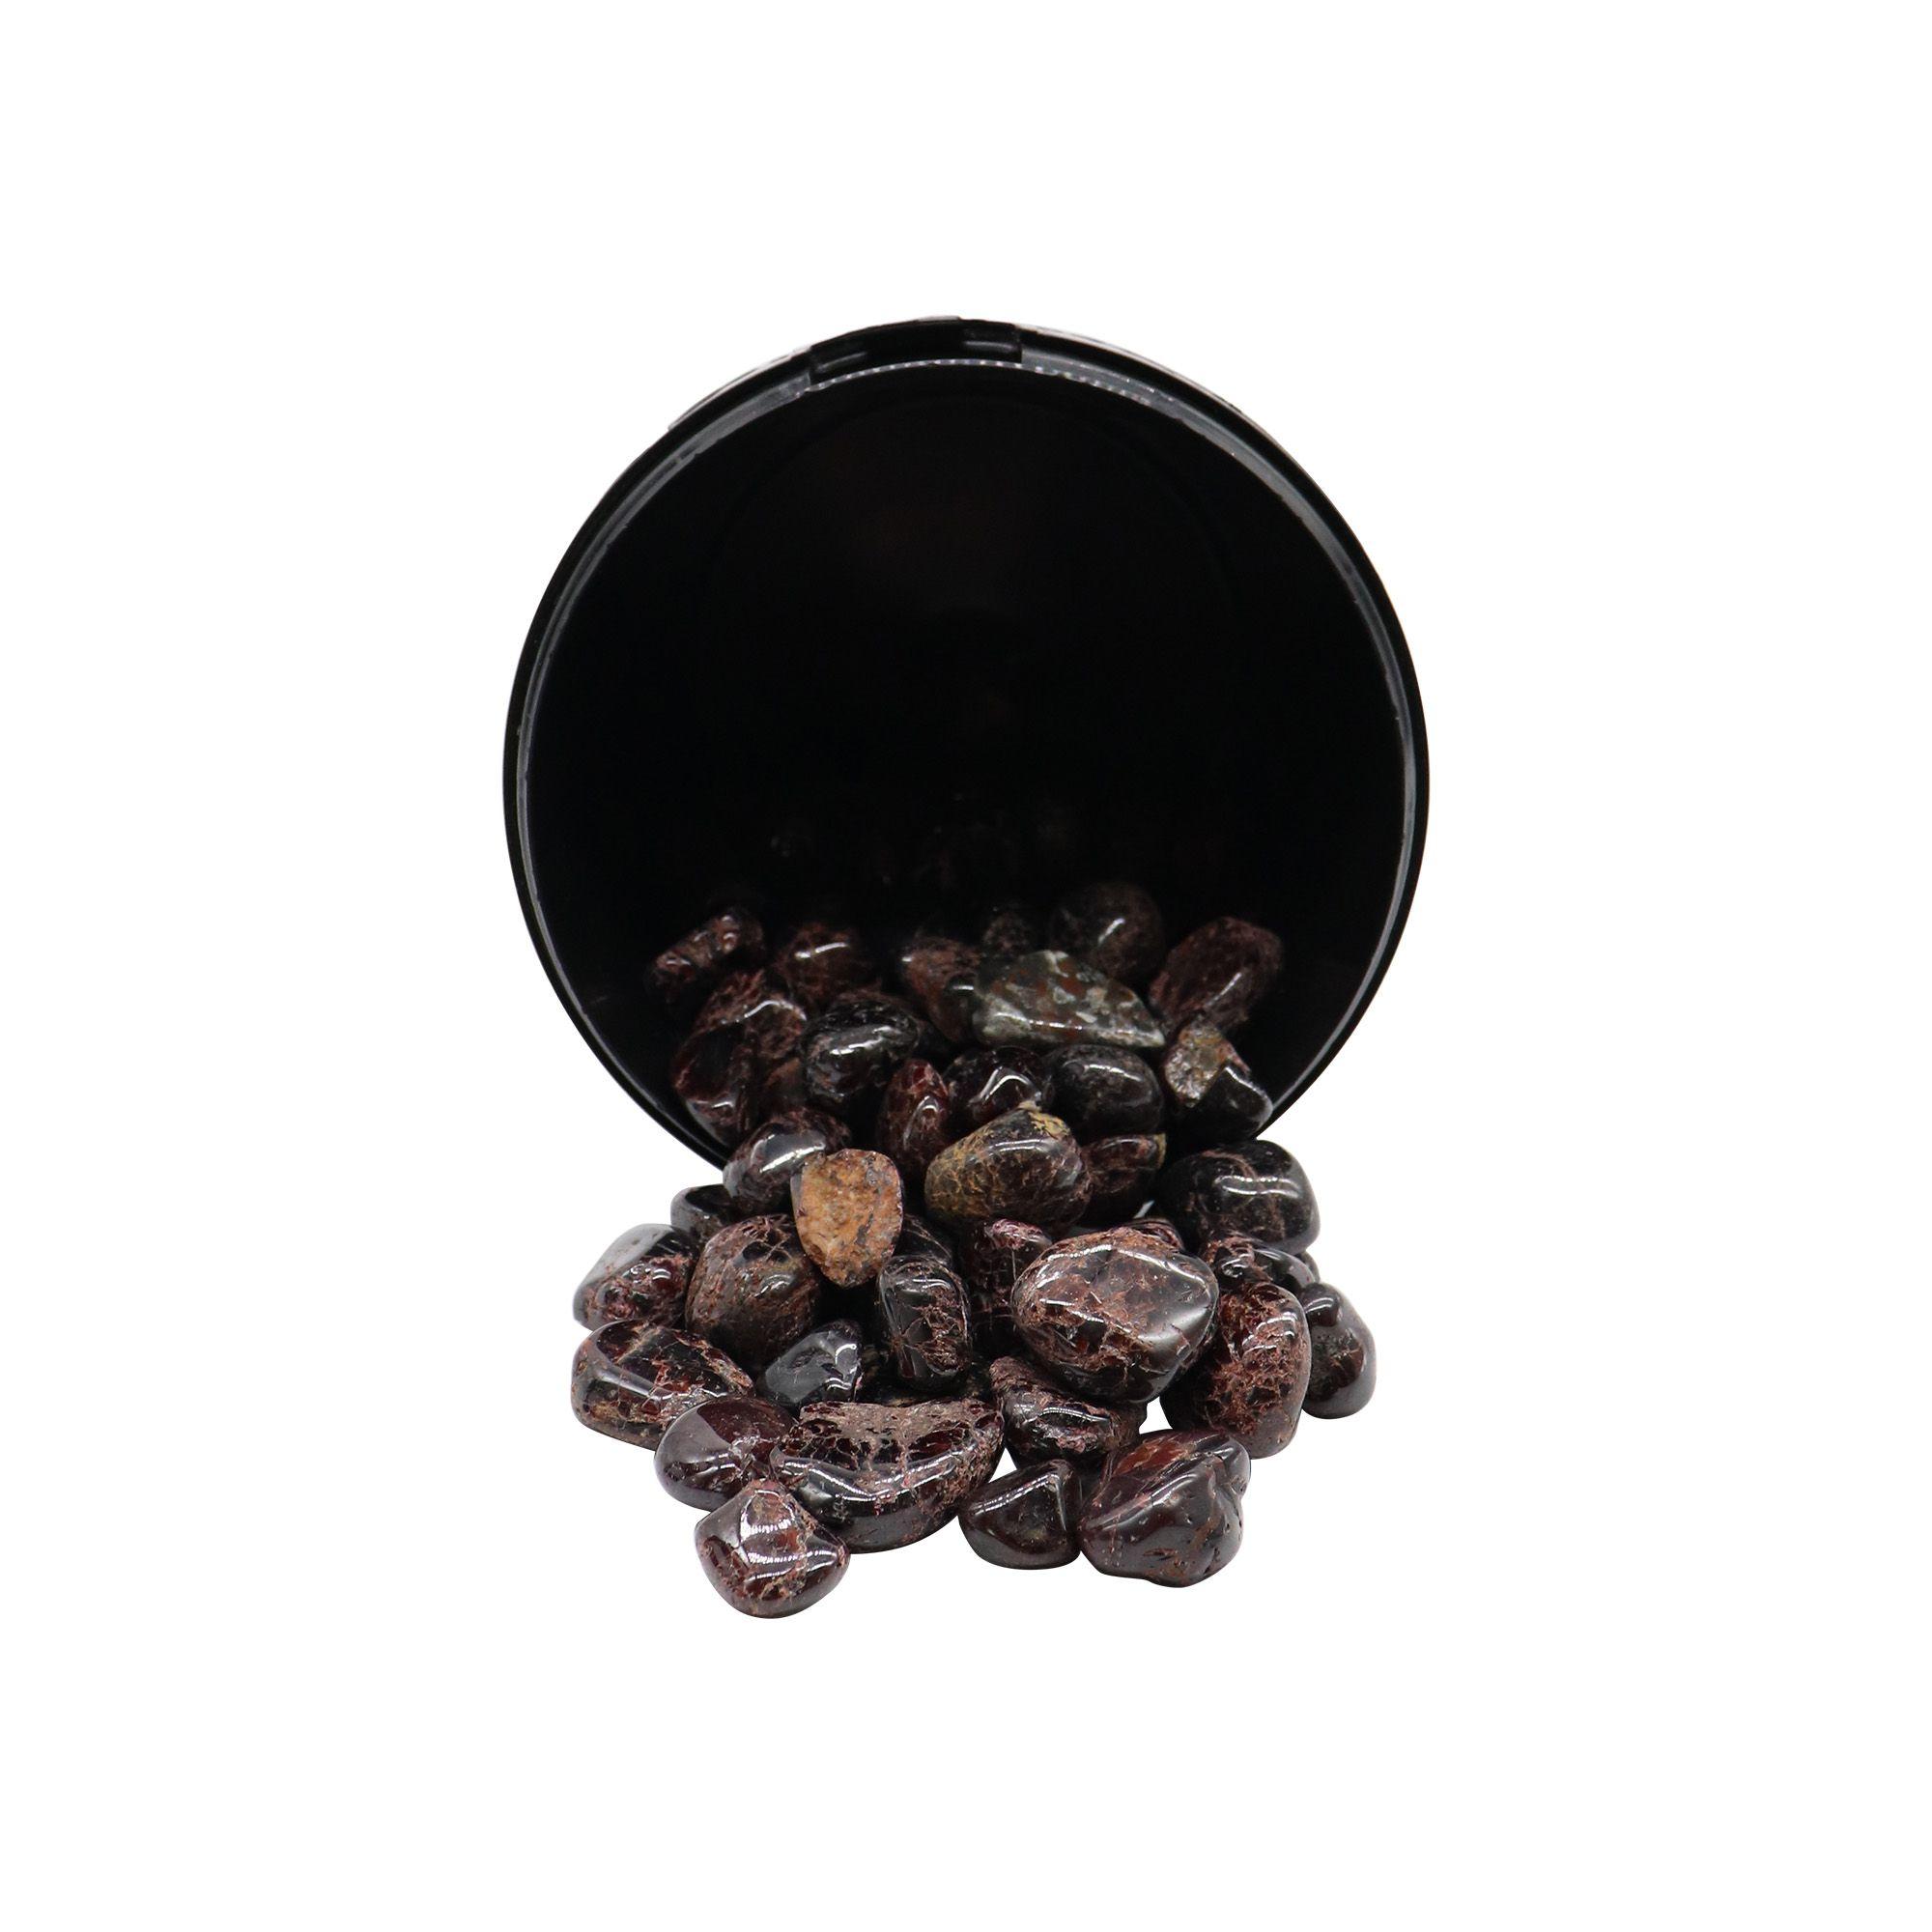 Kit com 5 pedras Granada ~ 7 à 25g